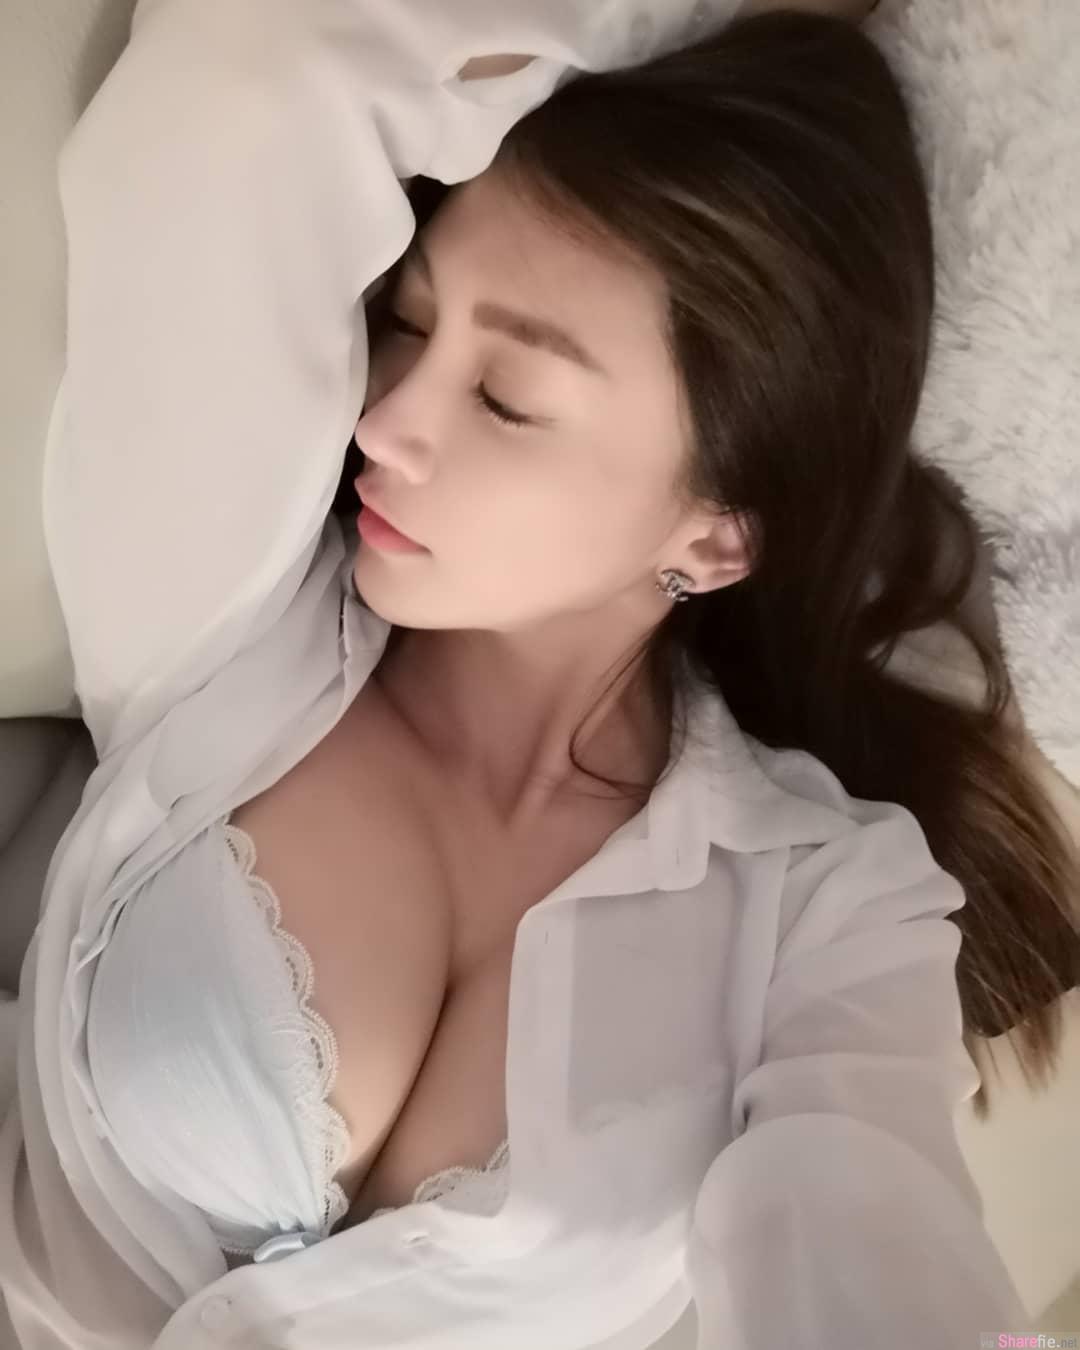 正妹模特楚楚Mia躺床自拍,钮扣没扣好露出兇勐上围,网友:很有料